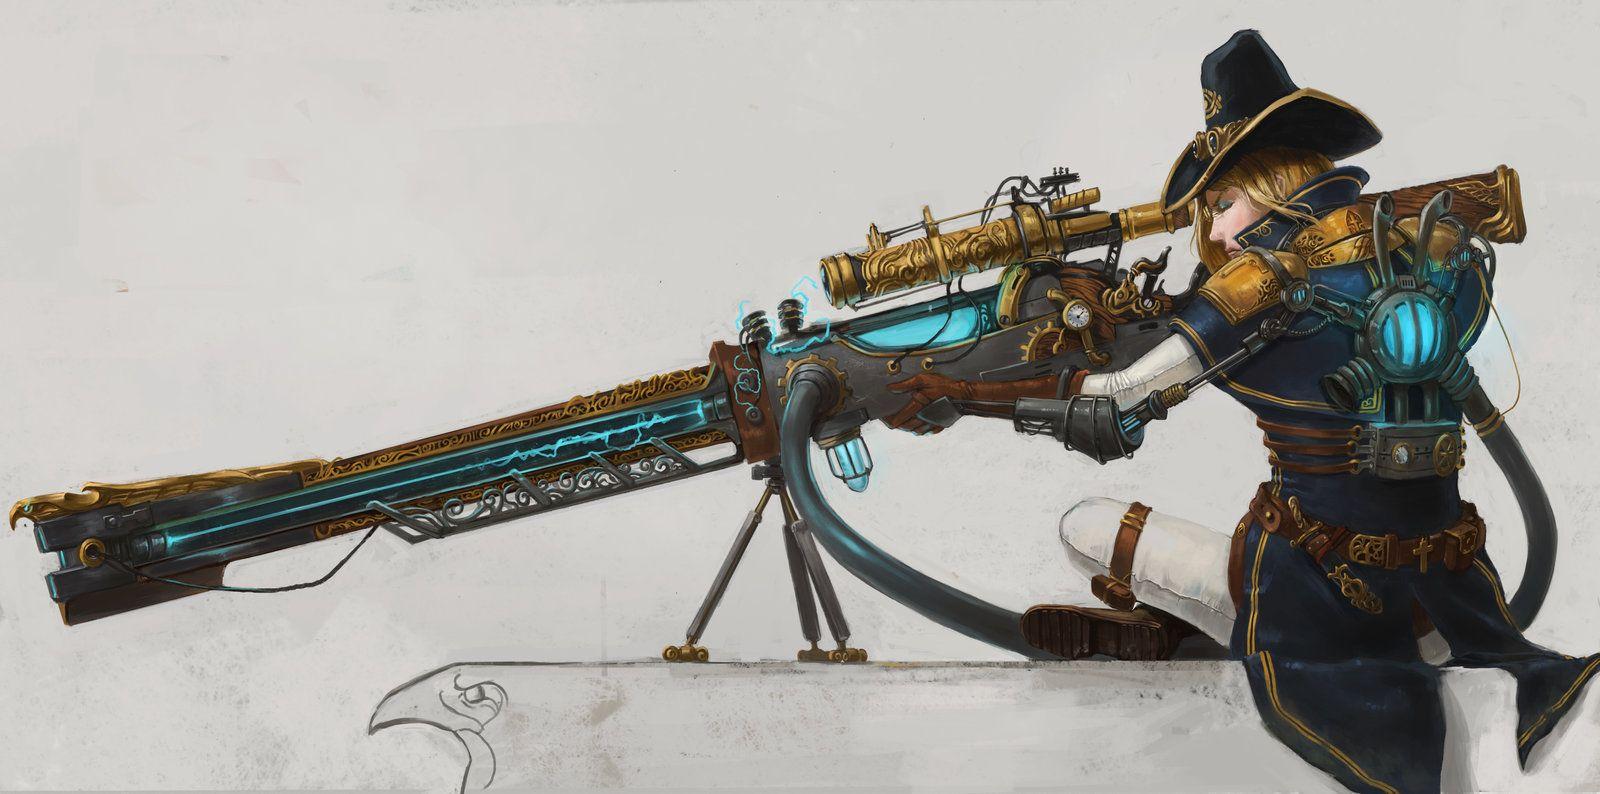 The Order 1886 Contest Entry Rail Gun By Devmarine Deviantart Com On Deviantart Art